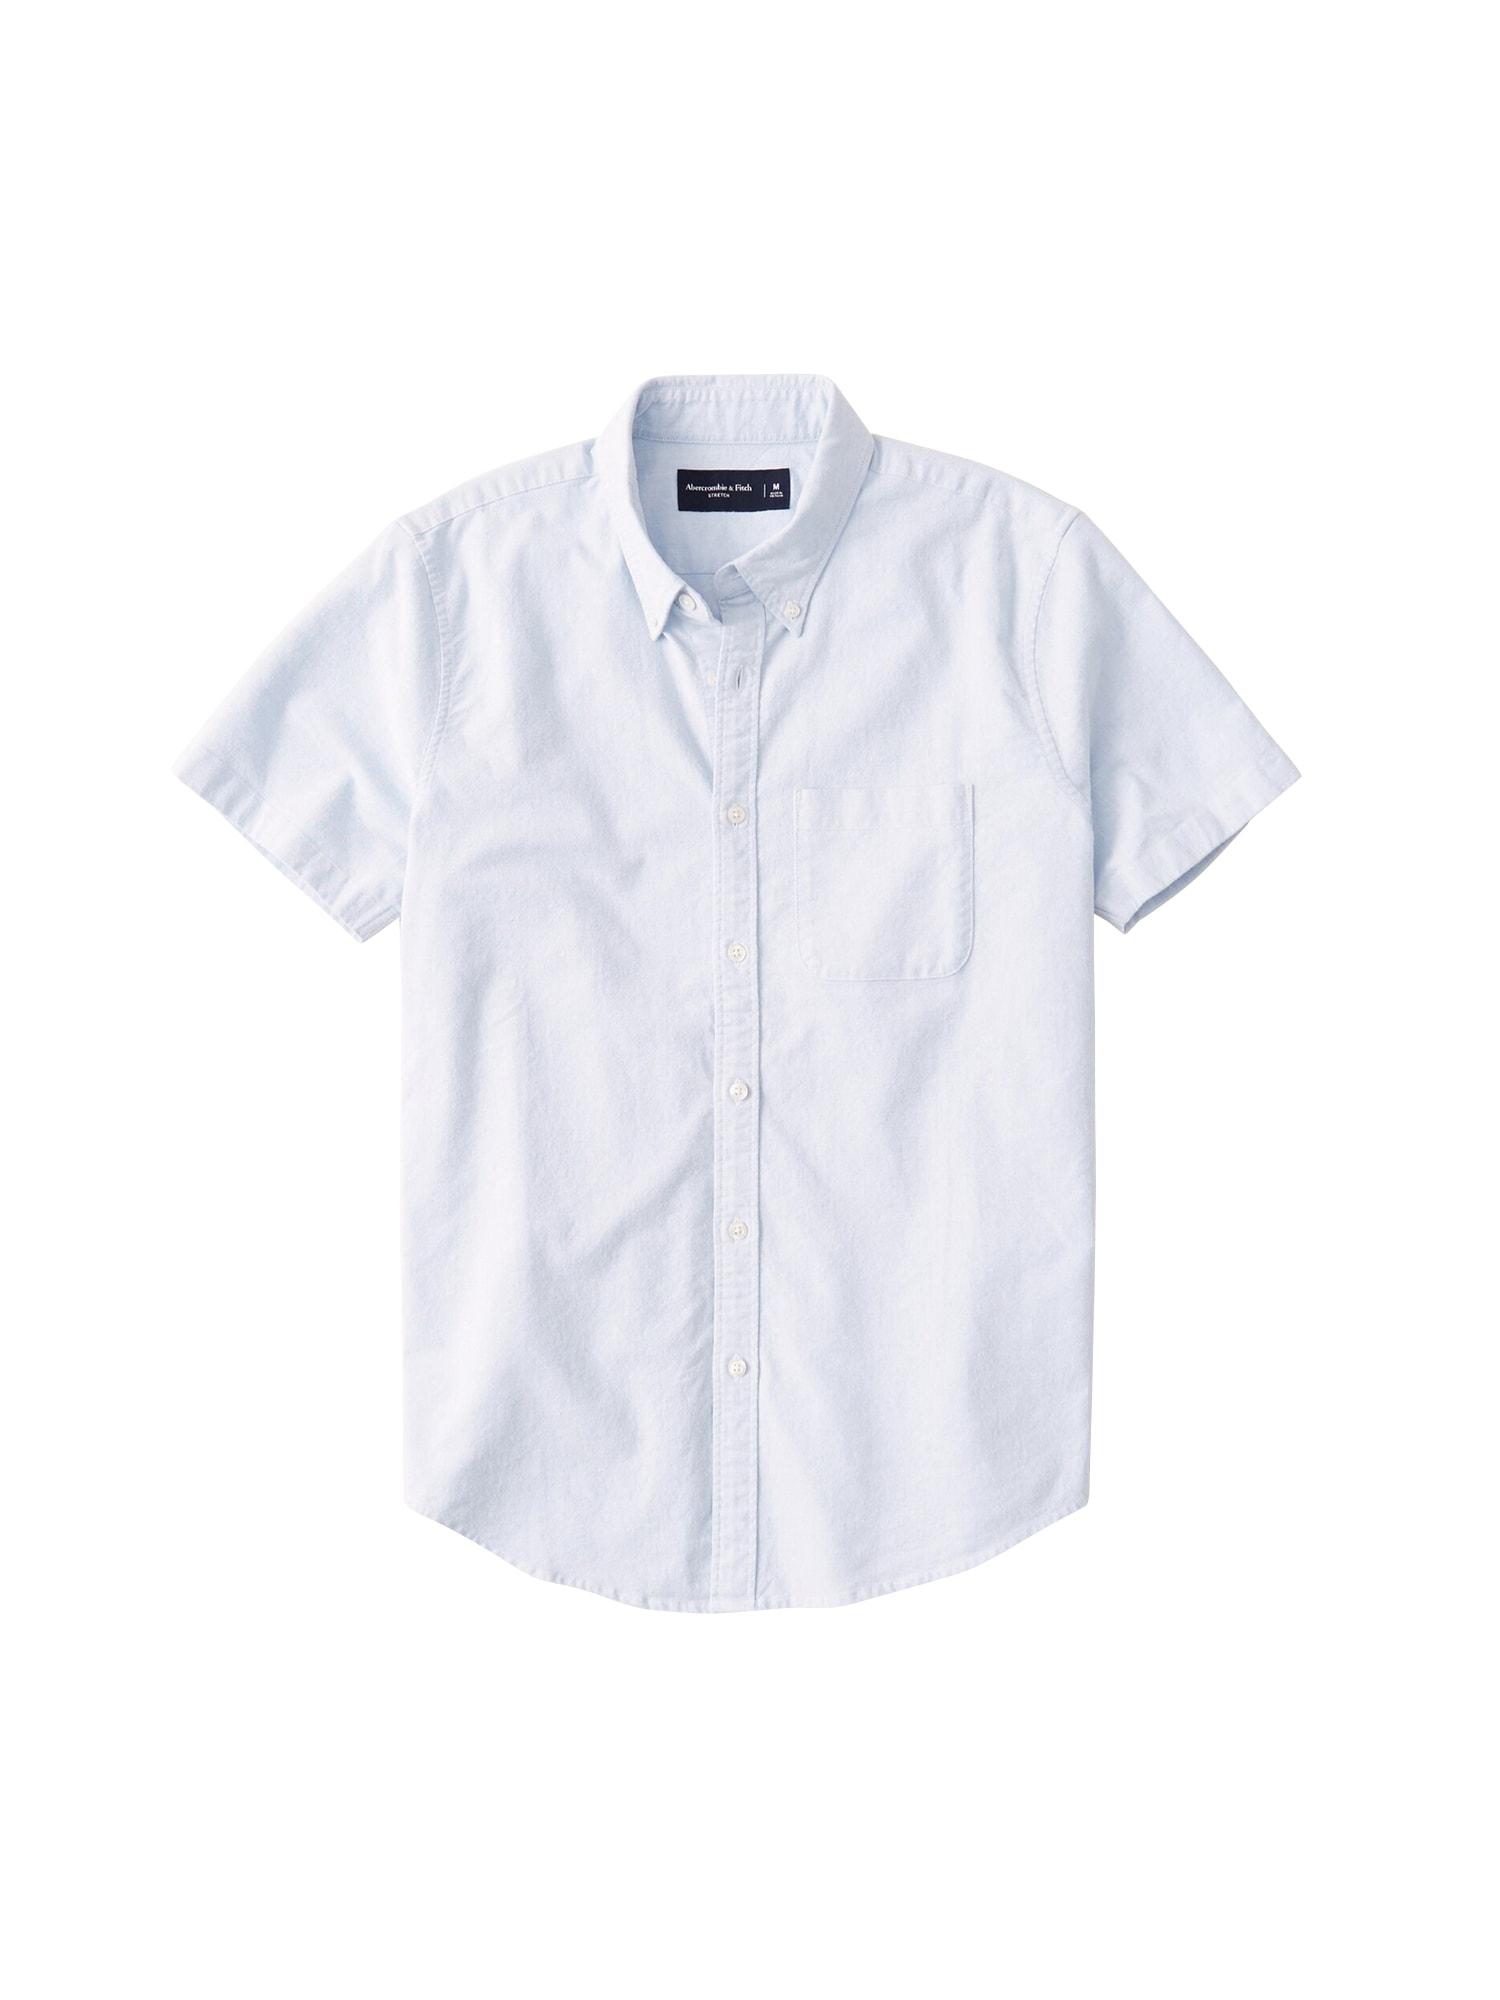 Abercrombie & Fitch Dalykiniai marškiniai 'SHORT SLEEVE CLASSICS' mėlyna